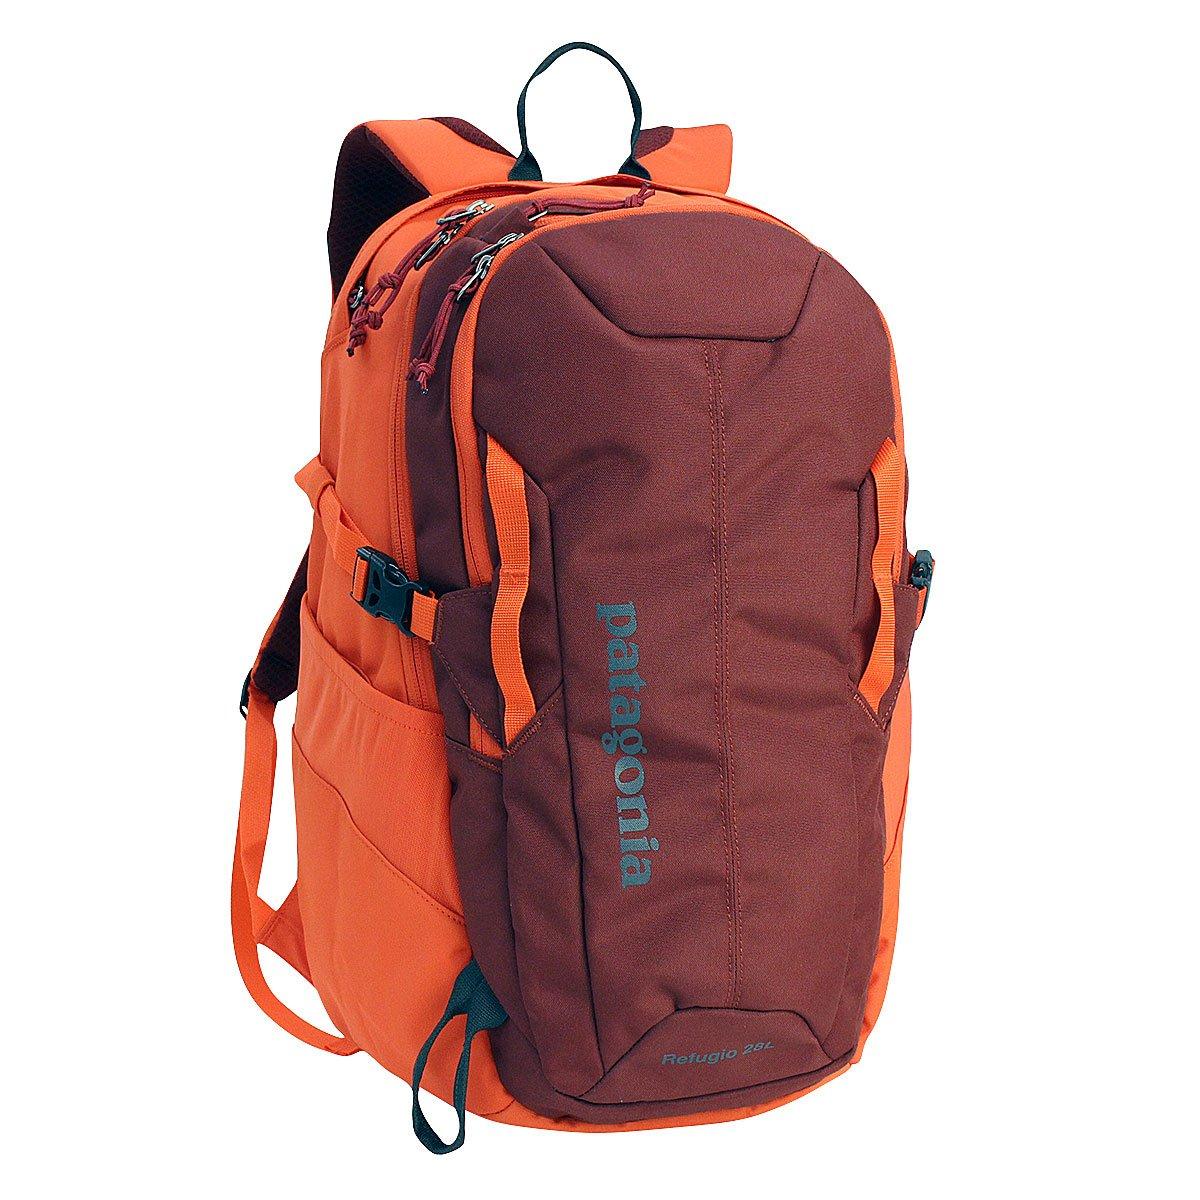 [パタゴニア] patagonia バックパック Refugio Pack 28L B00M41B37WCDRR-CinderRed